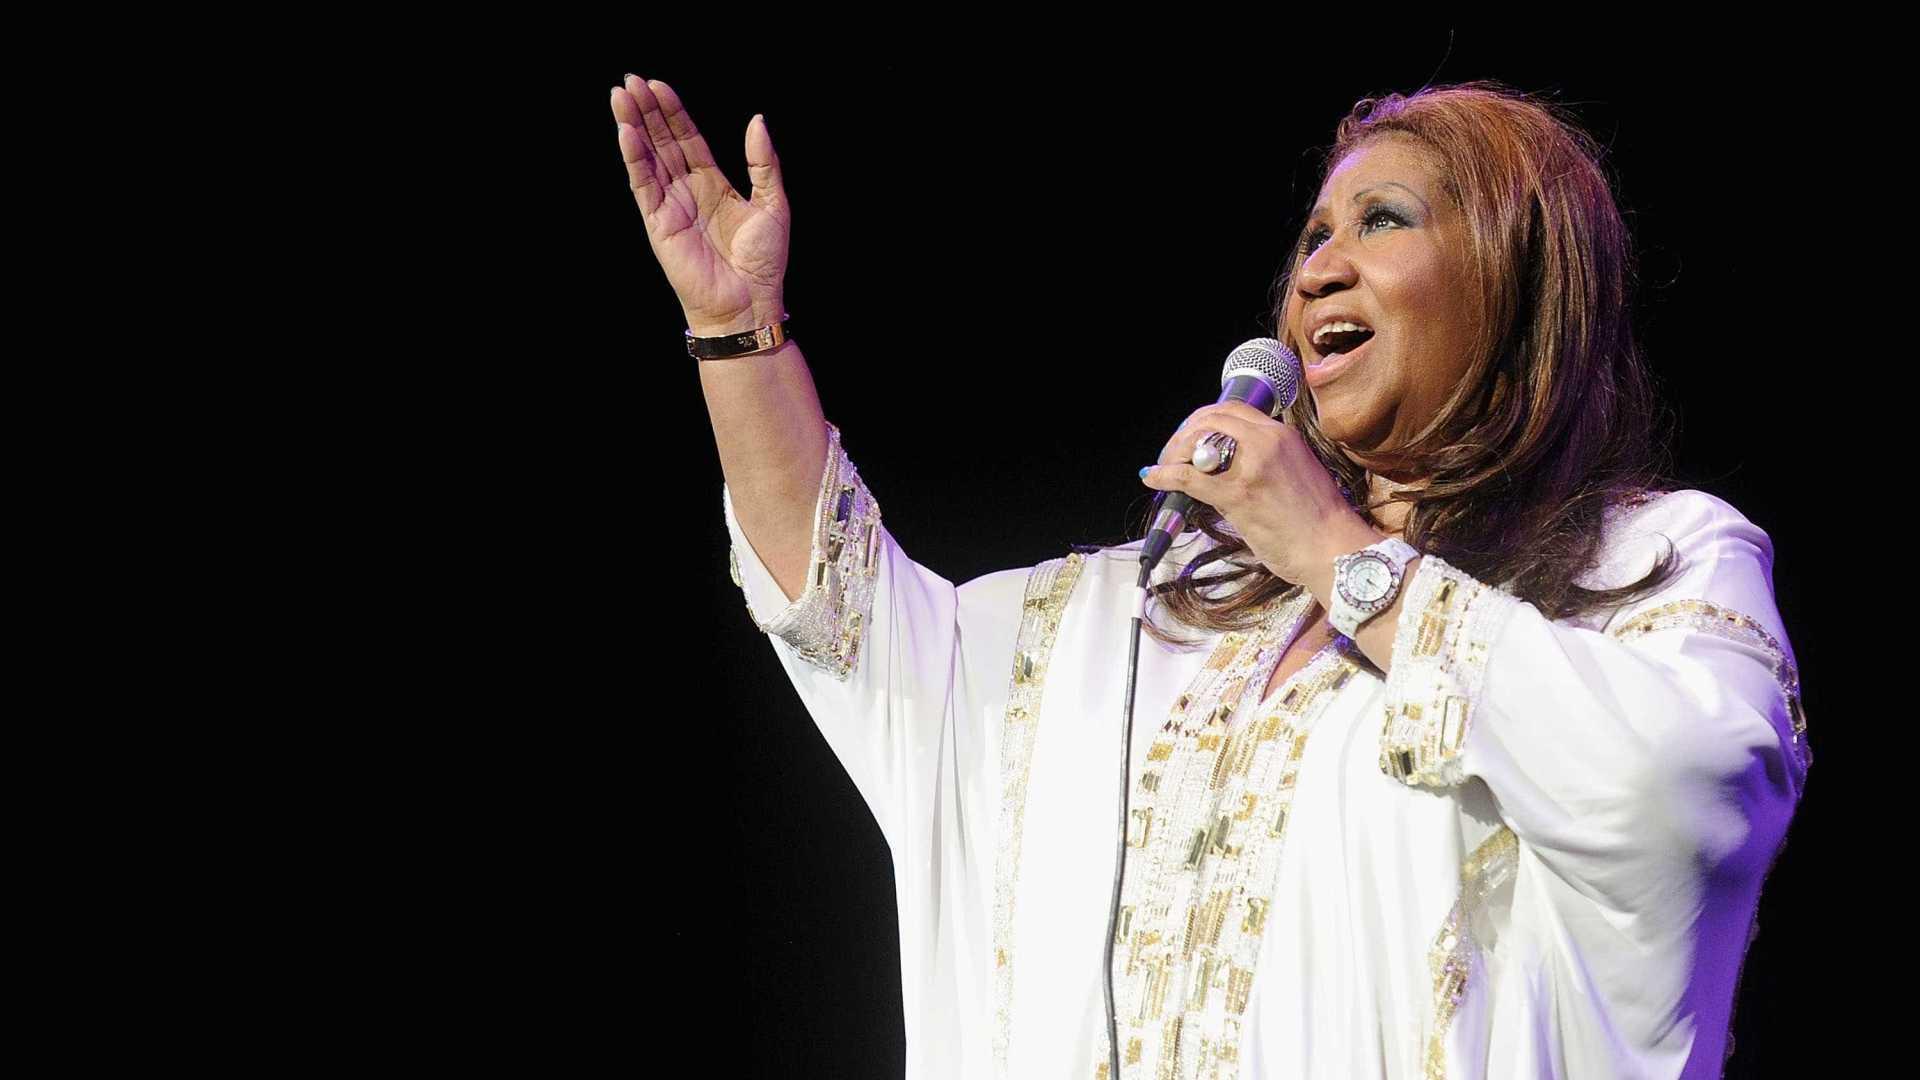 morreu aretha franklin, a rainha do soul - Aretha Franklin - Morreu Aretha Franklin, a rainha do soul